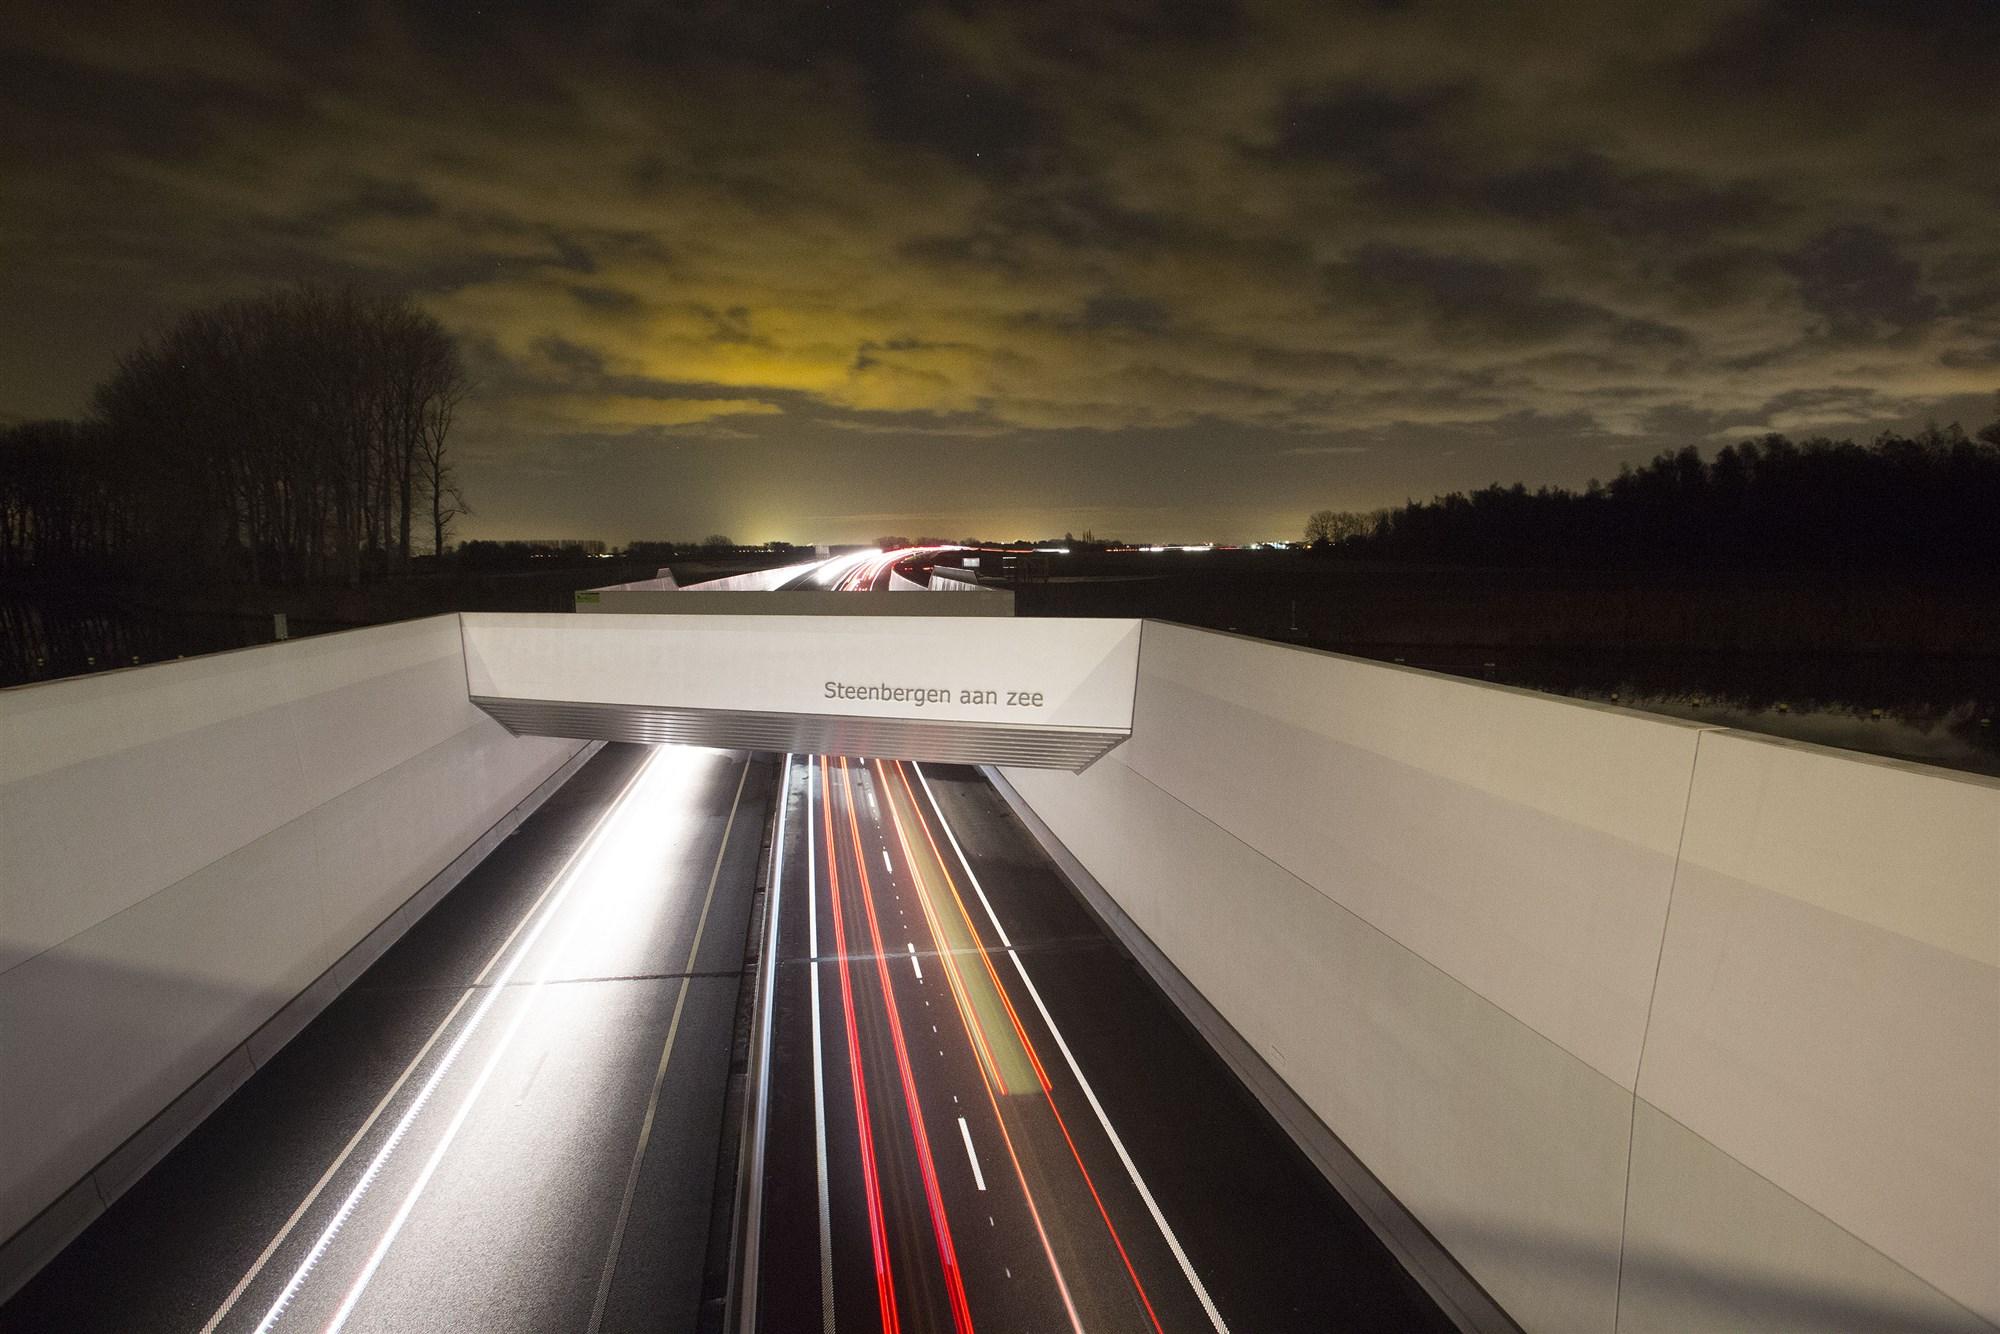 viaduct a4 snelweg steenbergen